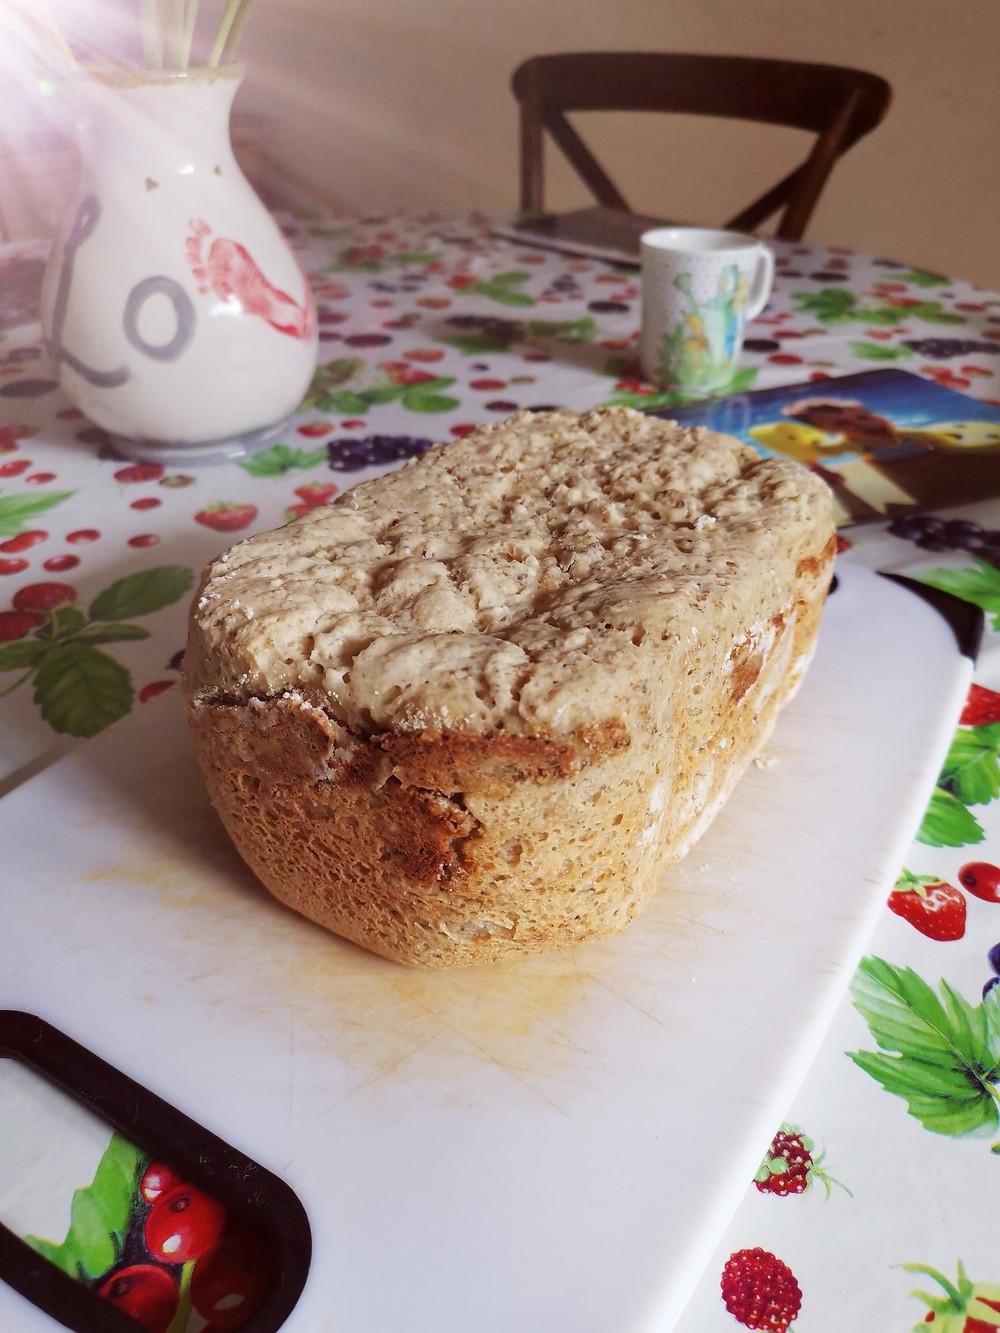 Seeded gluten-free bread